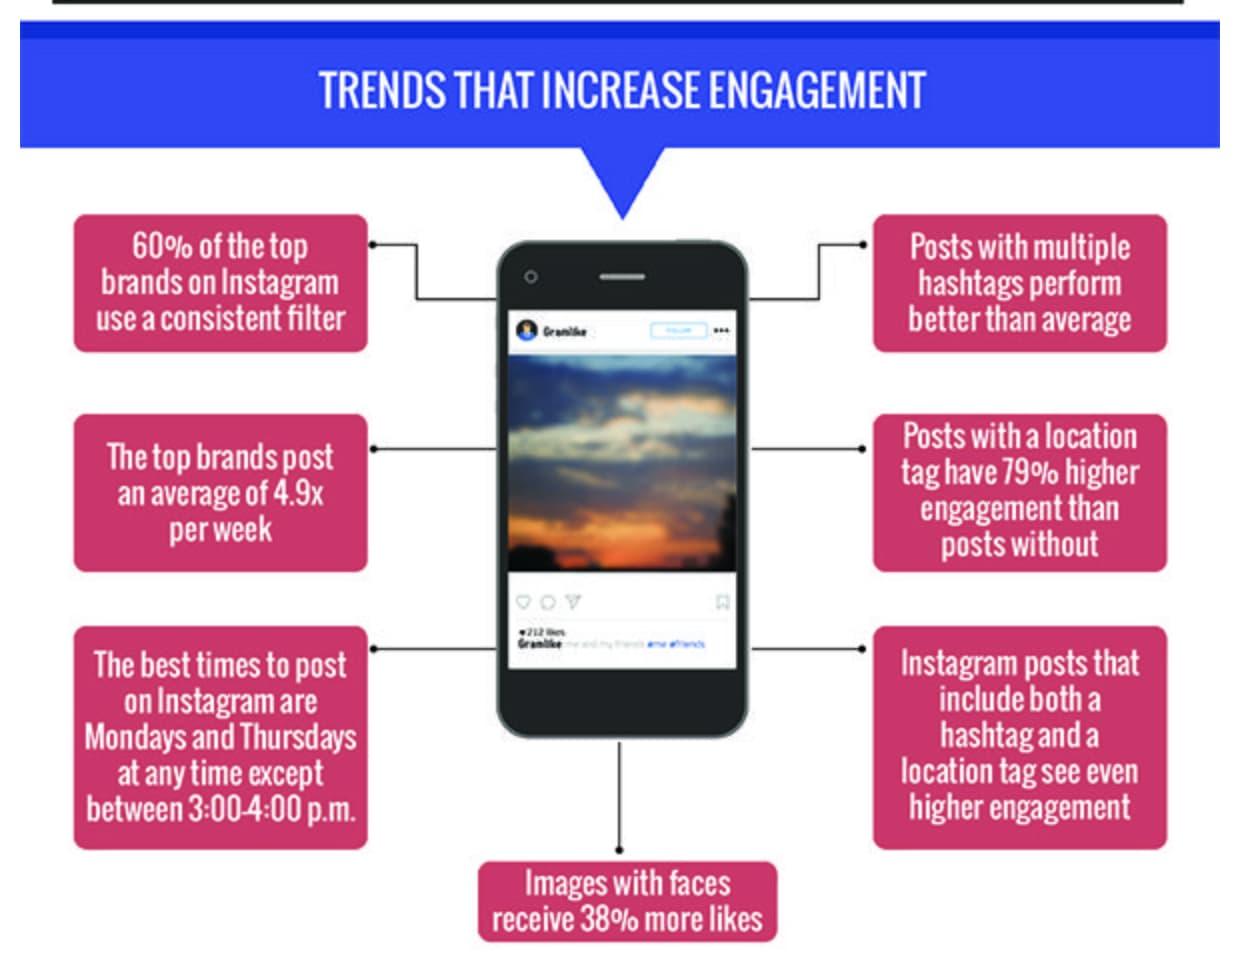 Trends, die das Engagement auf Instagram erhöhen